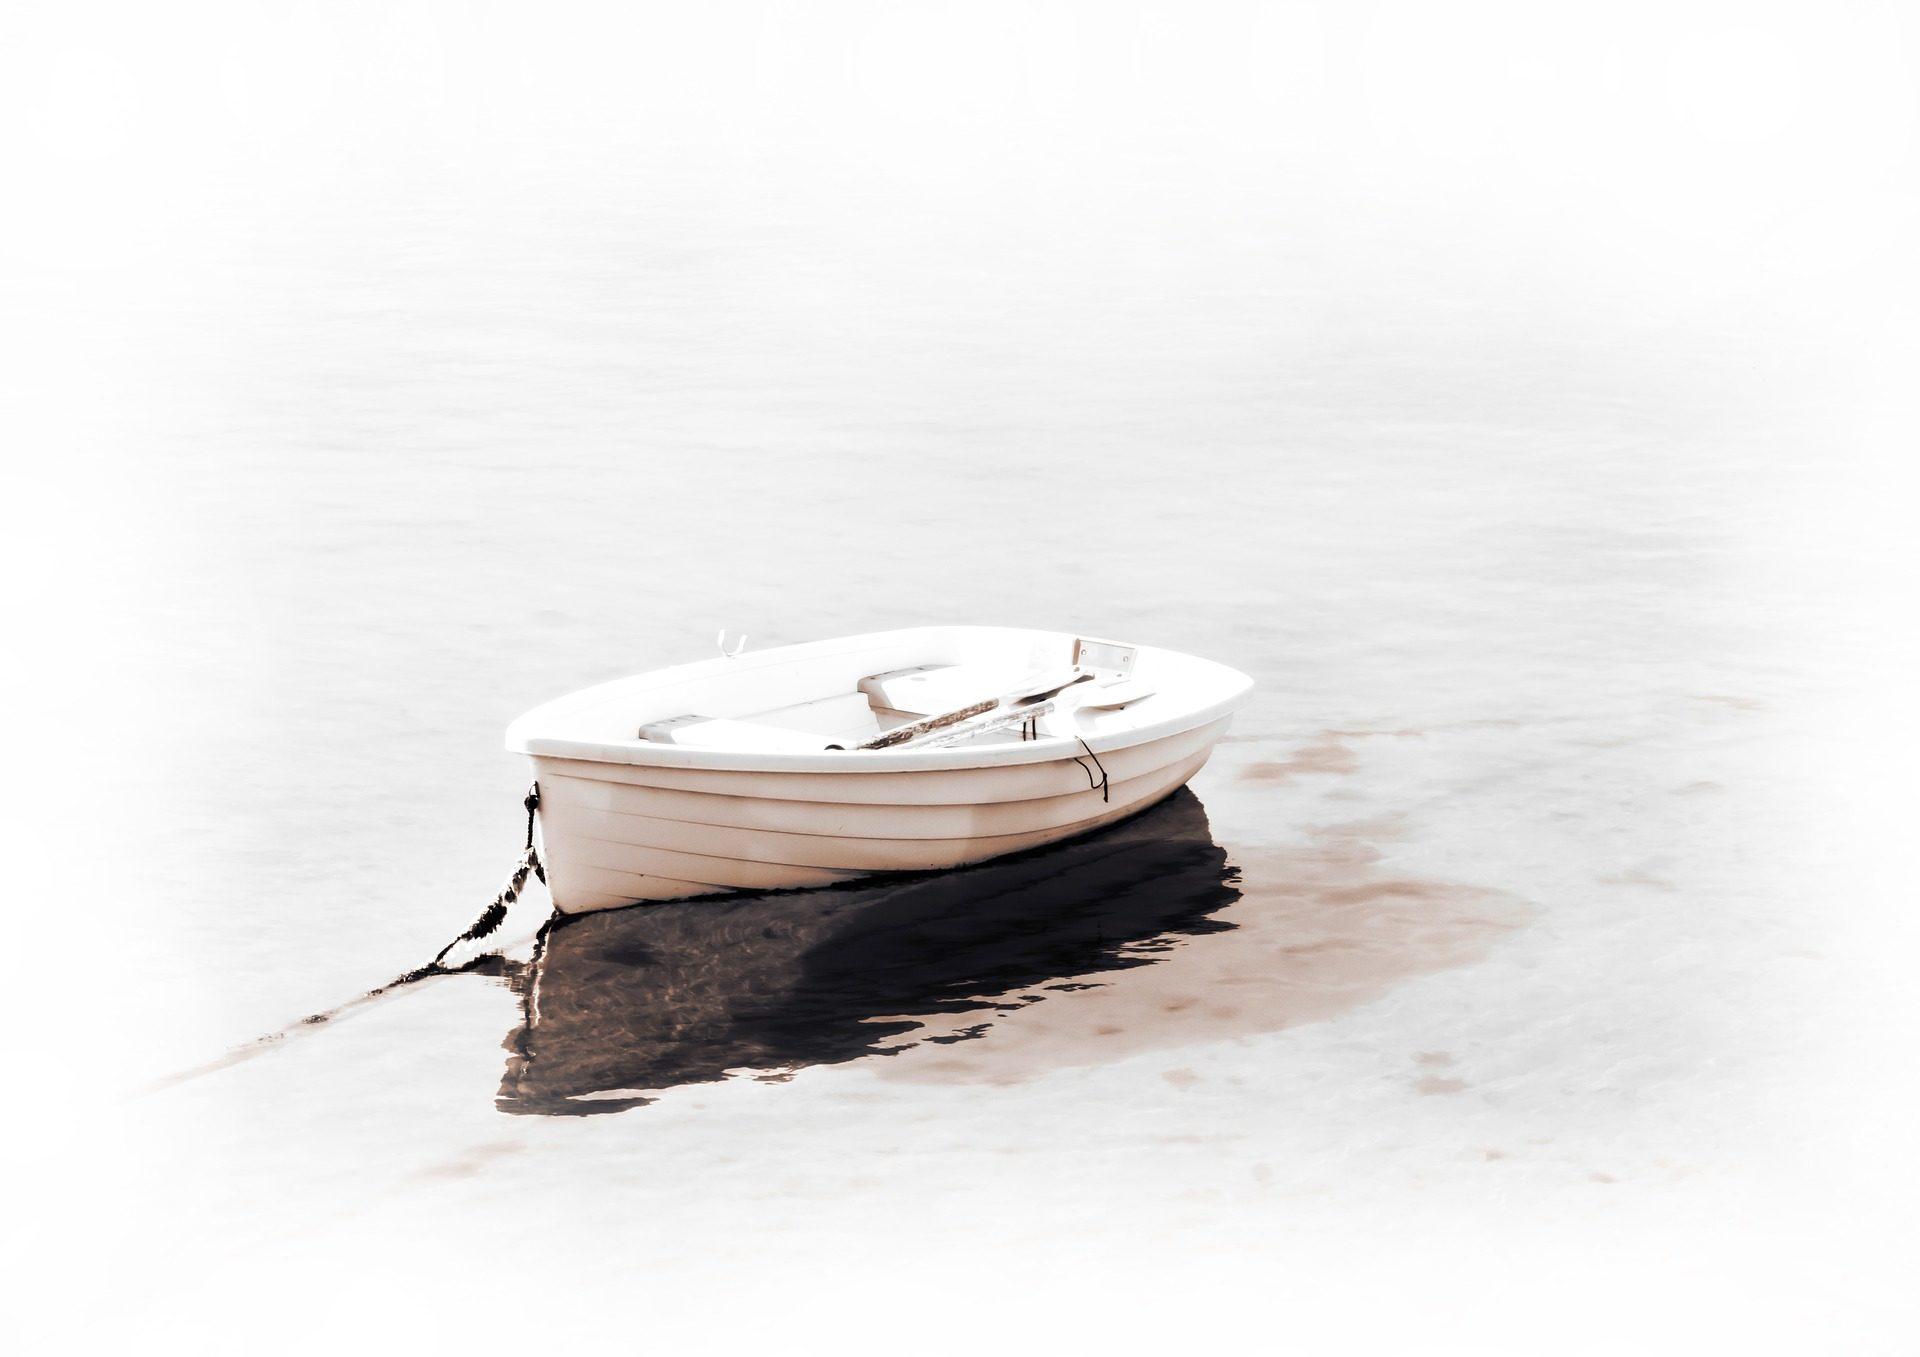 नाव, Barca, झील, प्रतिबिंब, सफेद - HD वॉलपेपर - प्रोफेसर-falken.com